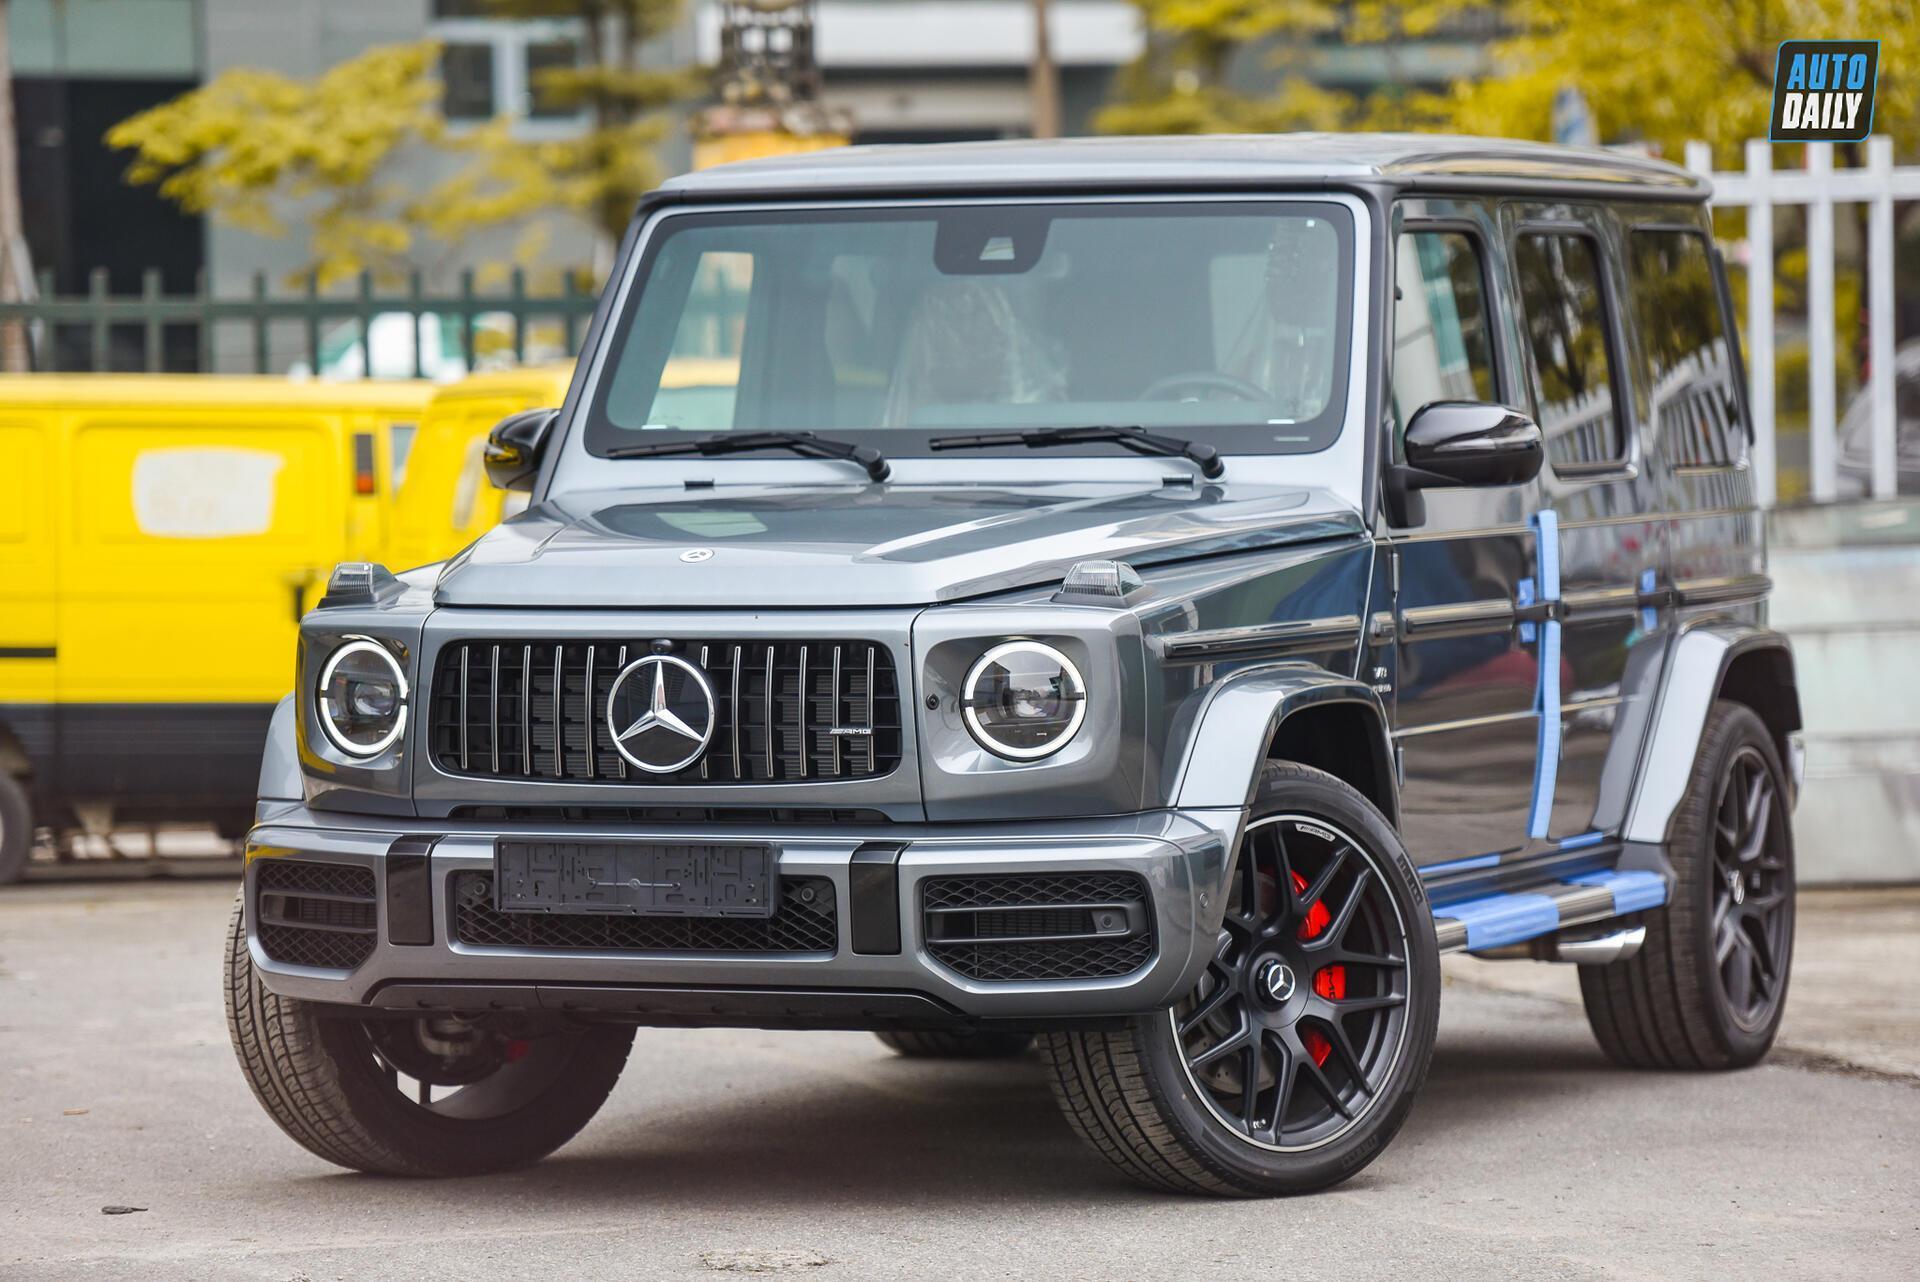 Ảnh chi tiết Mercedes G63 AMG 2021 bản cá nhân hoá giá khoảng 12 tỷ [4]